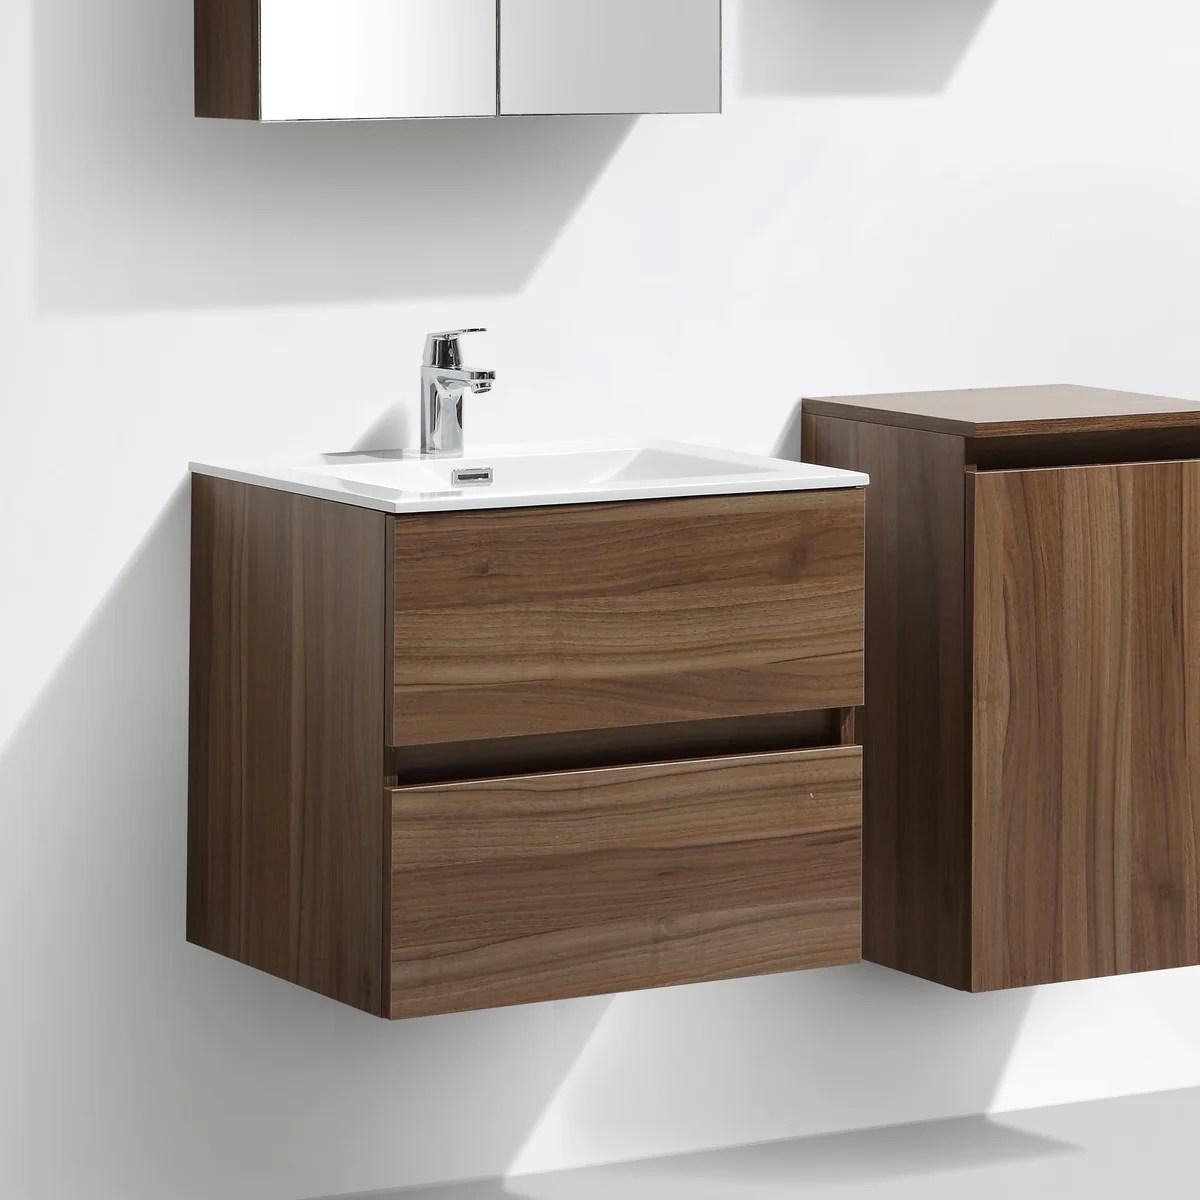 Meuble Salle De Bain Design Simple Vasque Siena Largeur 60 Cm Noyer Le Monde Du Bain